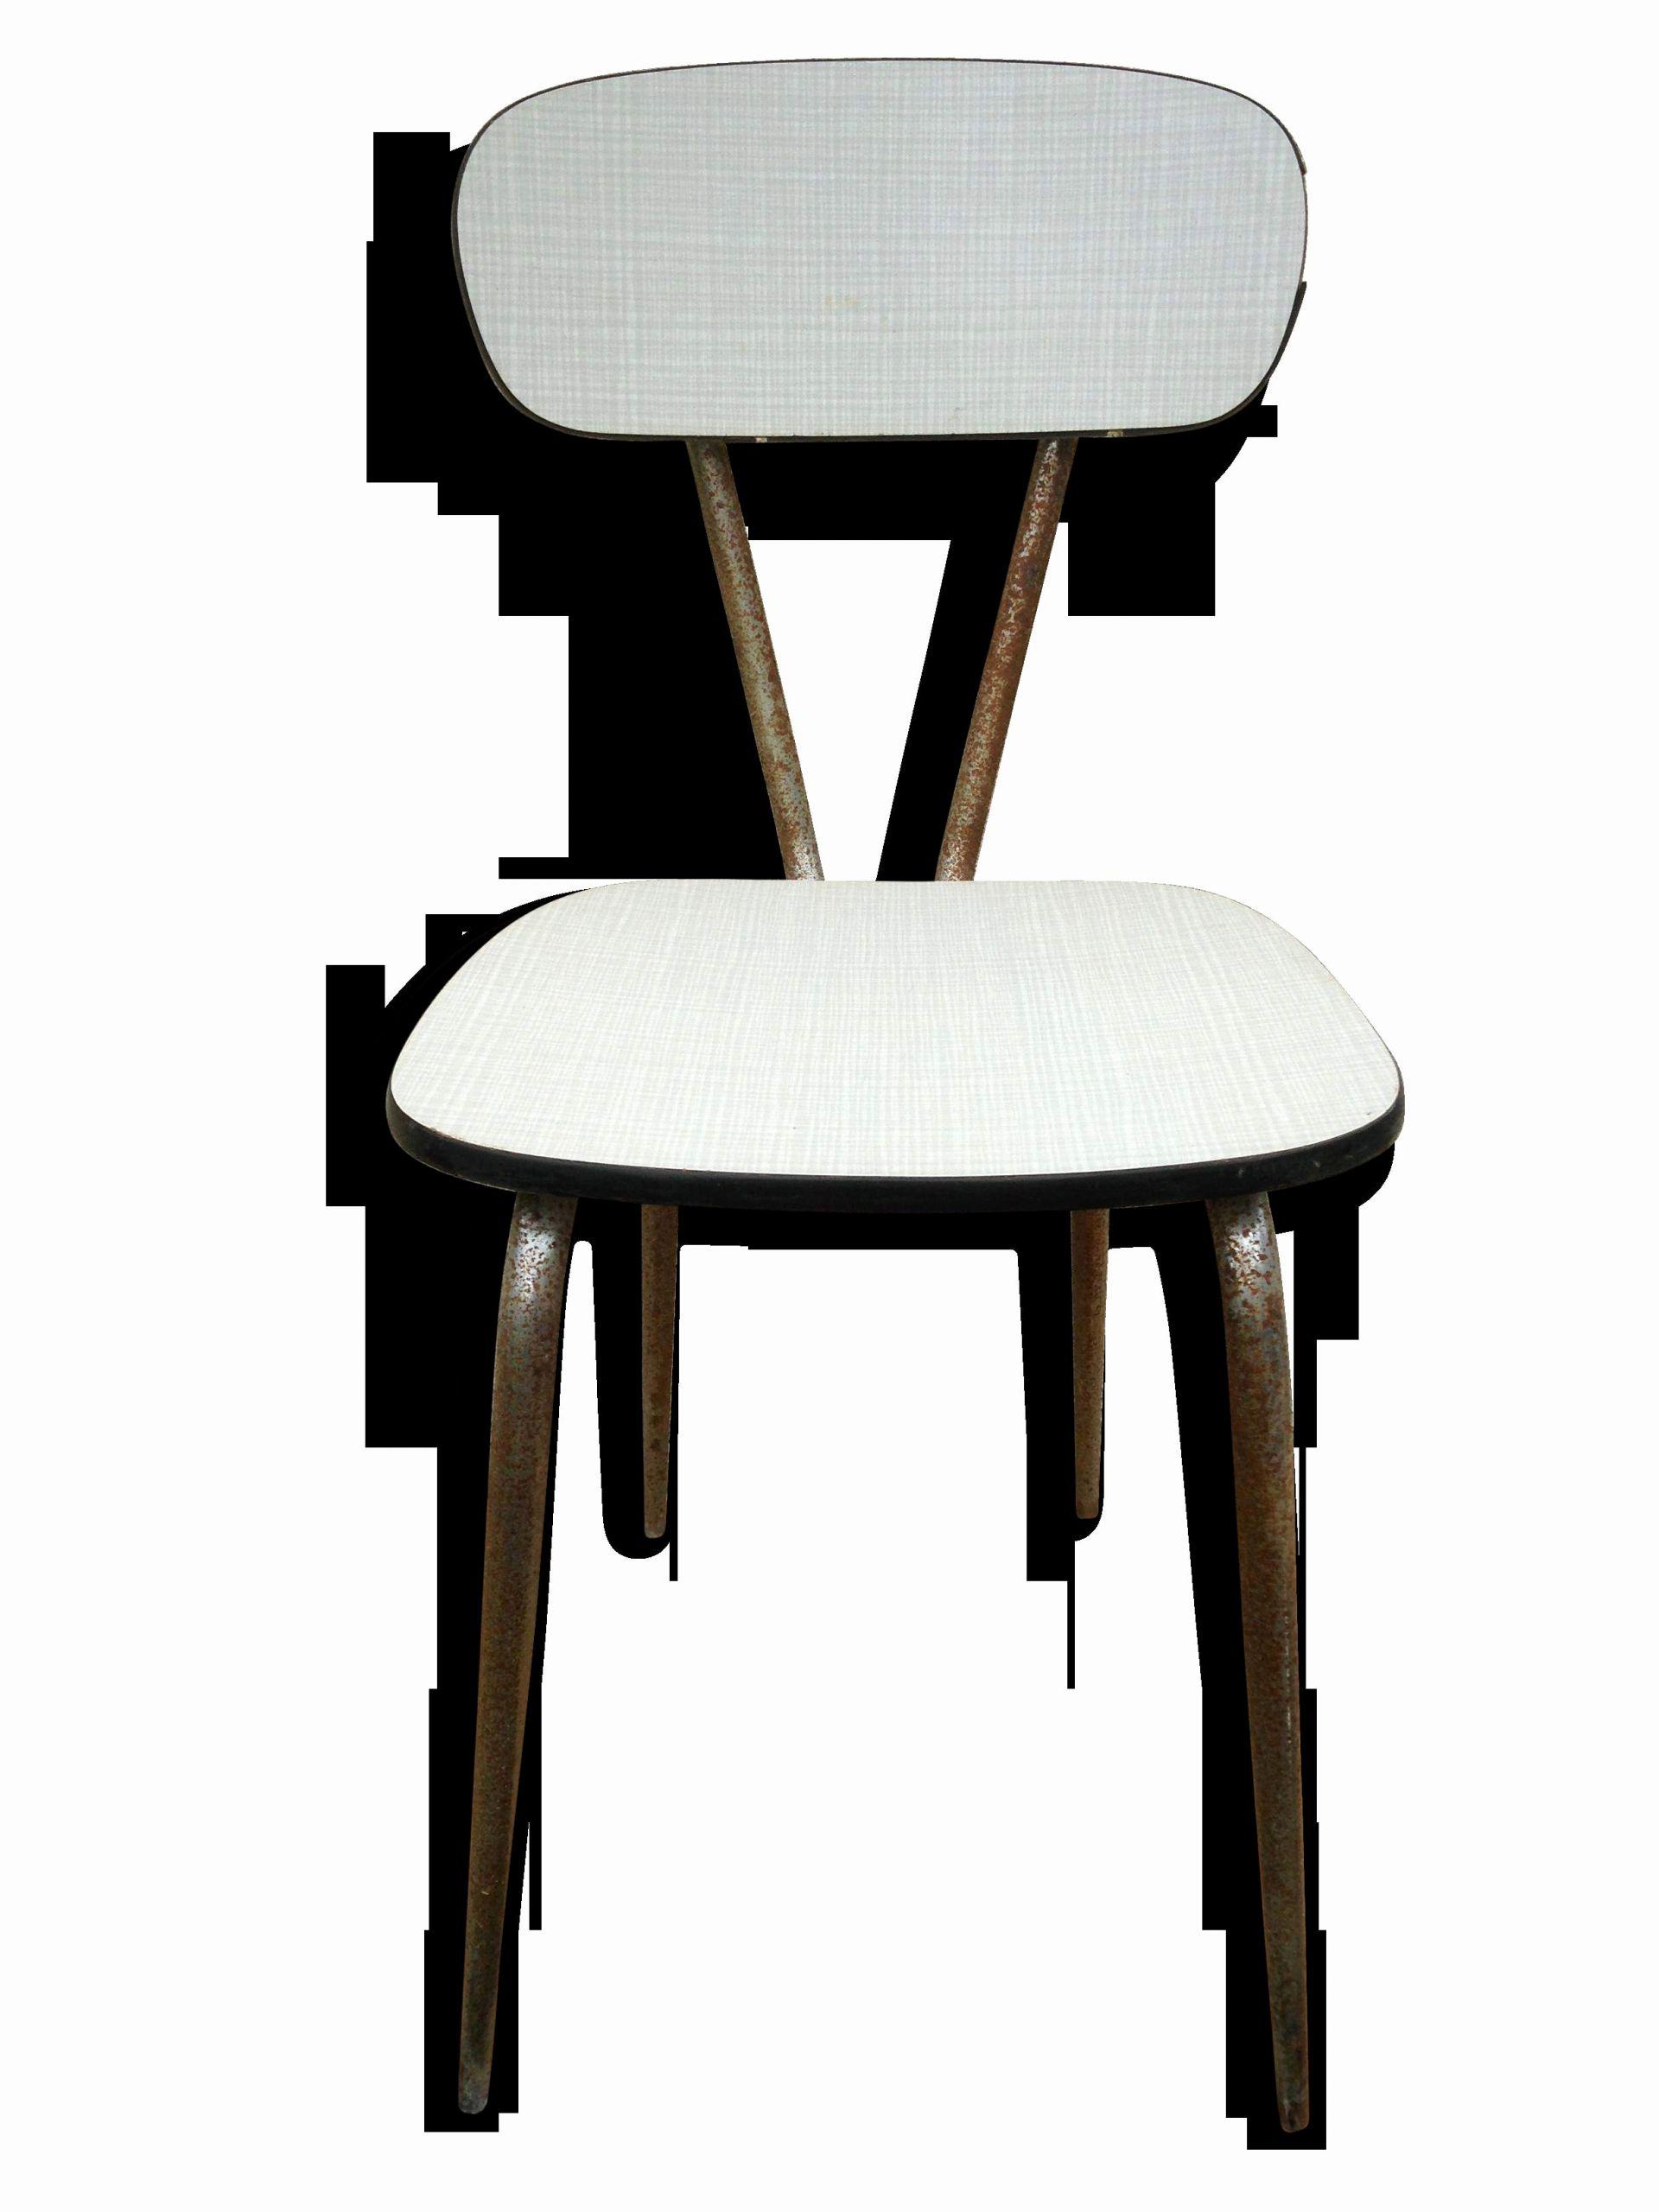 fauteuil le corbusier source dinspiration chaise vintage tissu fauteuil de table tissu frais fauteuil salon 0d of fauteuil le corbusier